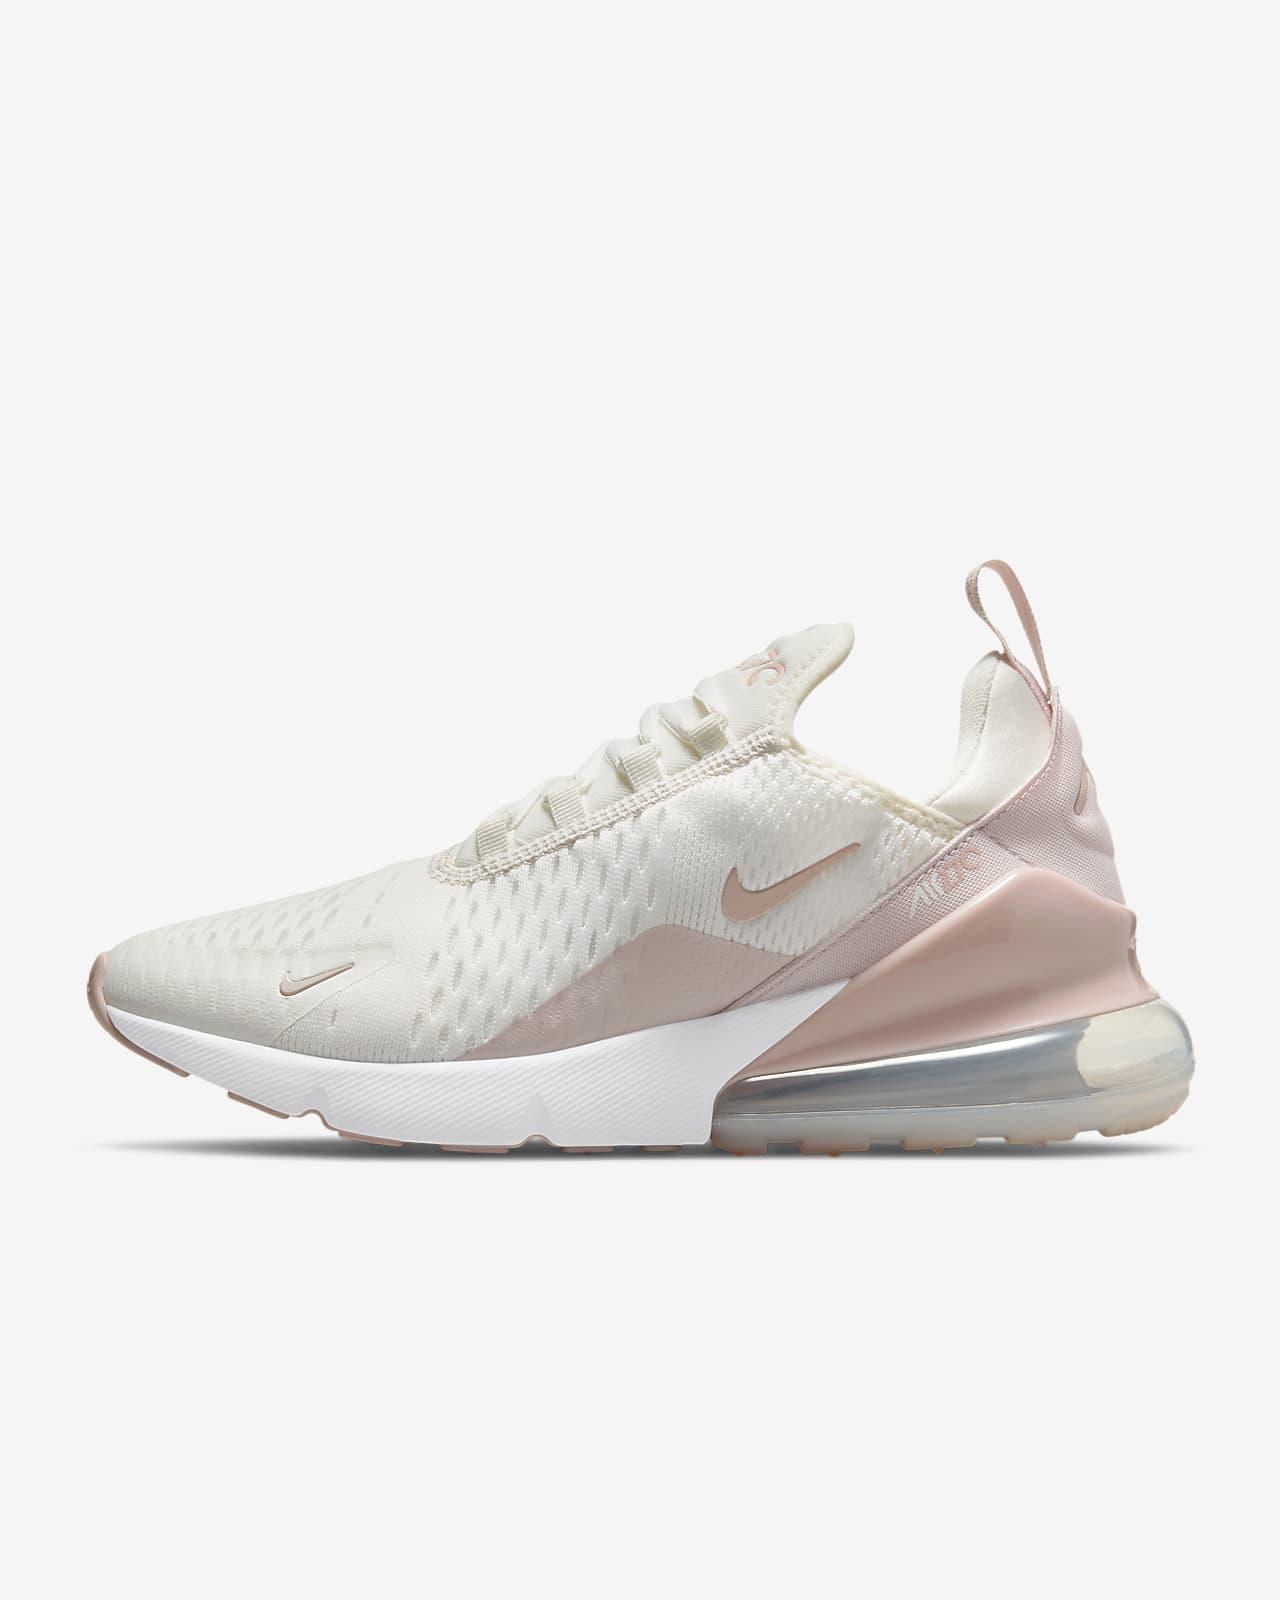 Nike Air Max 270 Essential Kadın Ayakkabısı